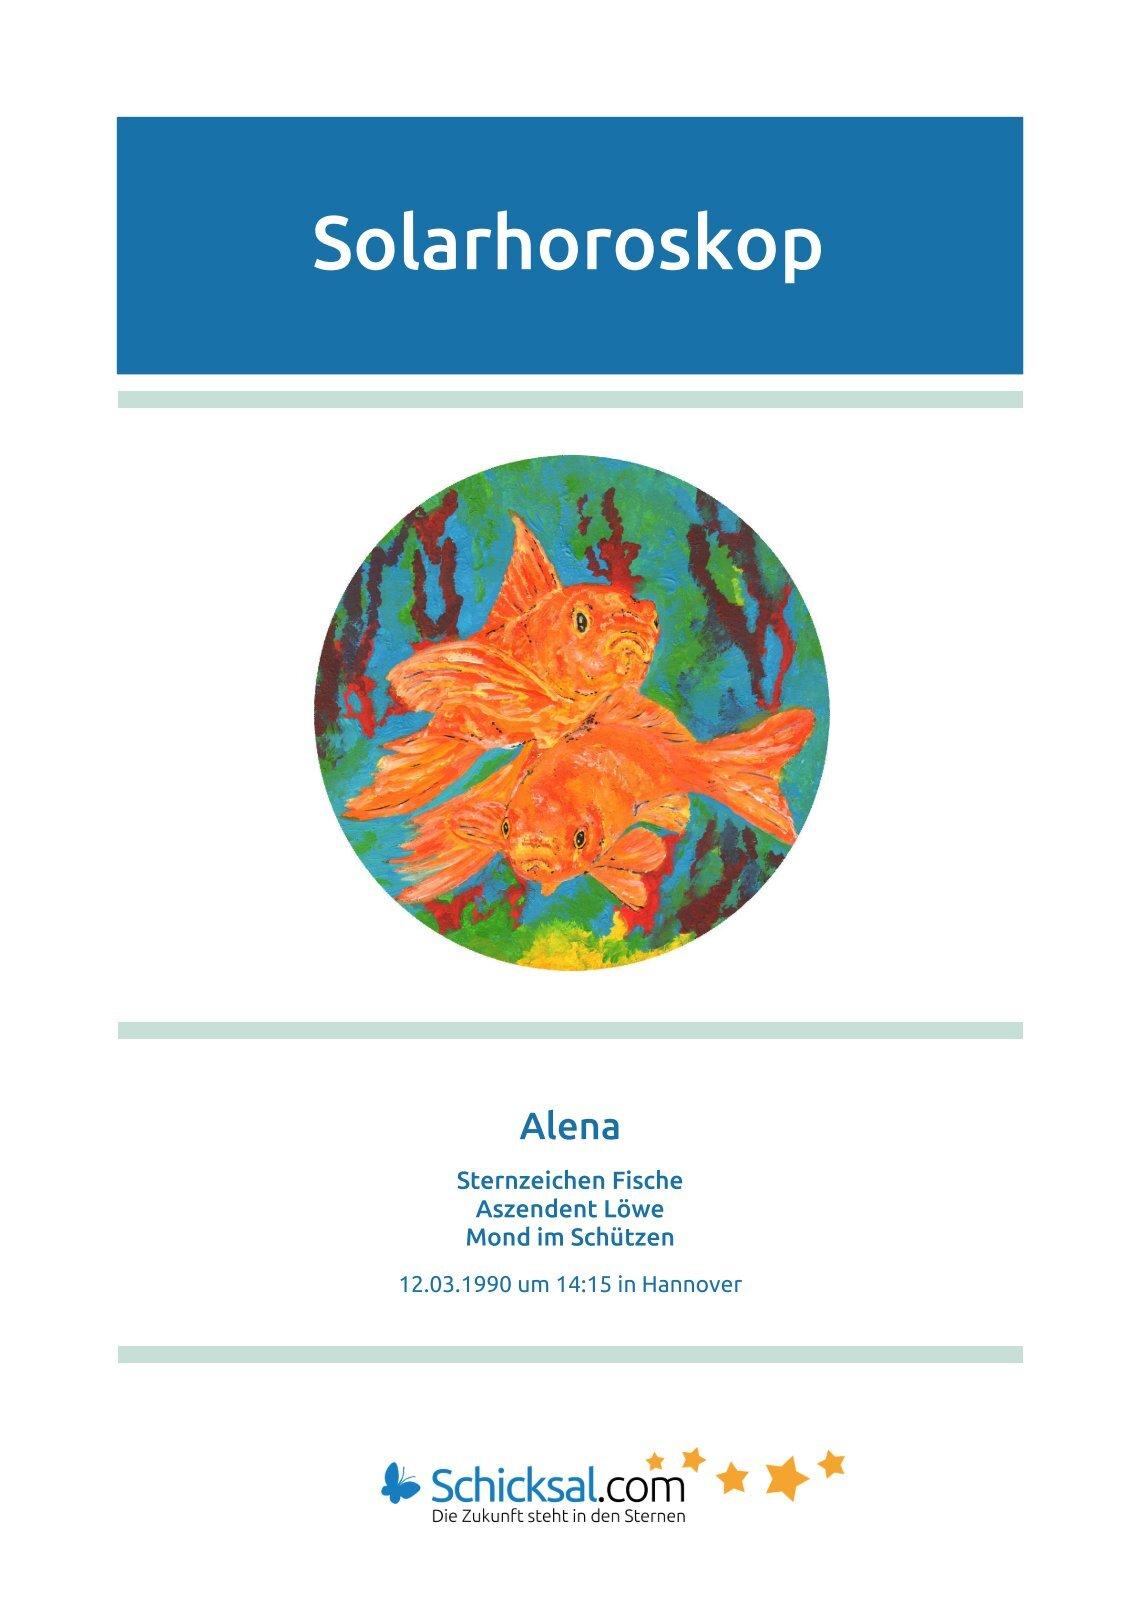 Fische - Solarhoroskop